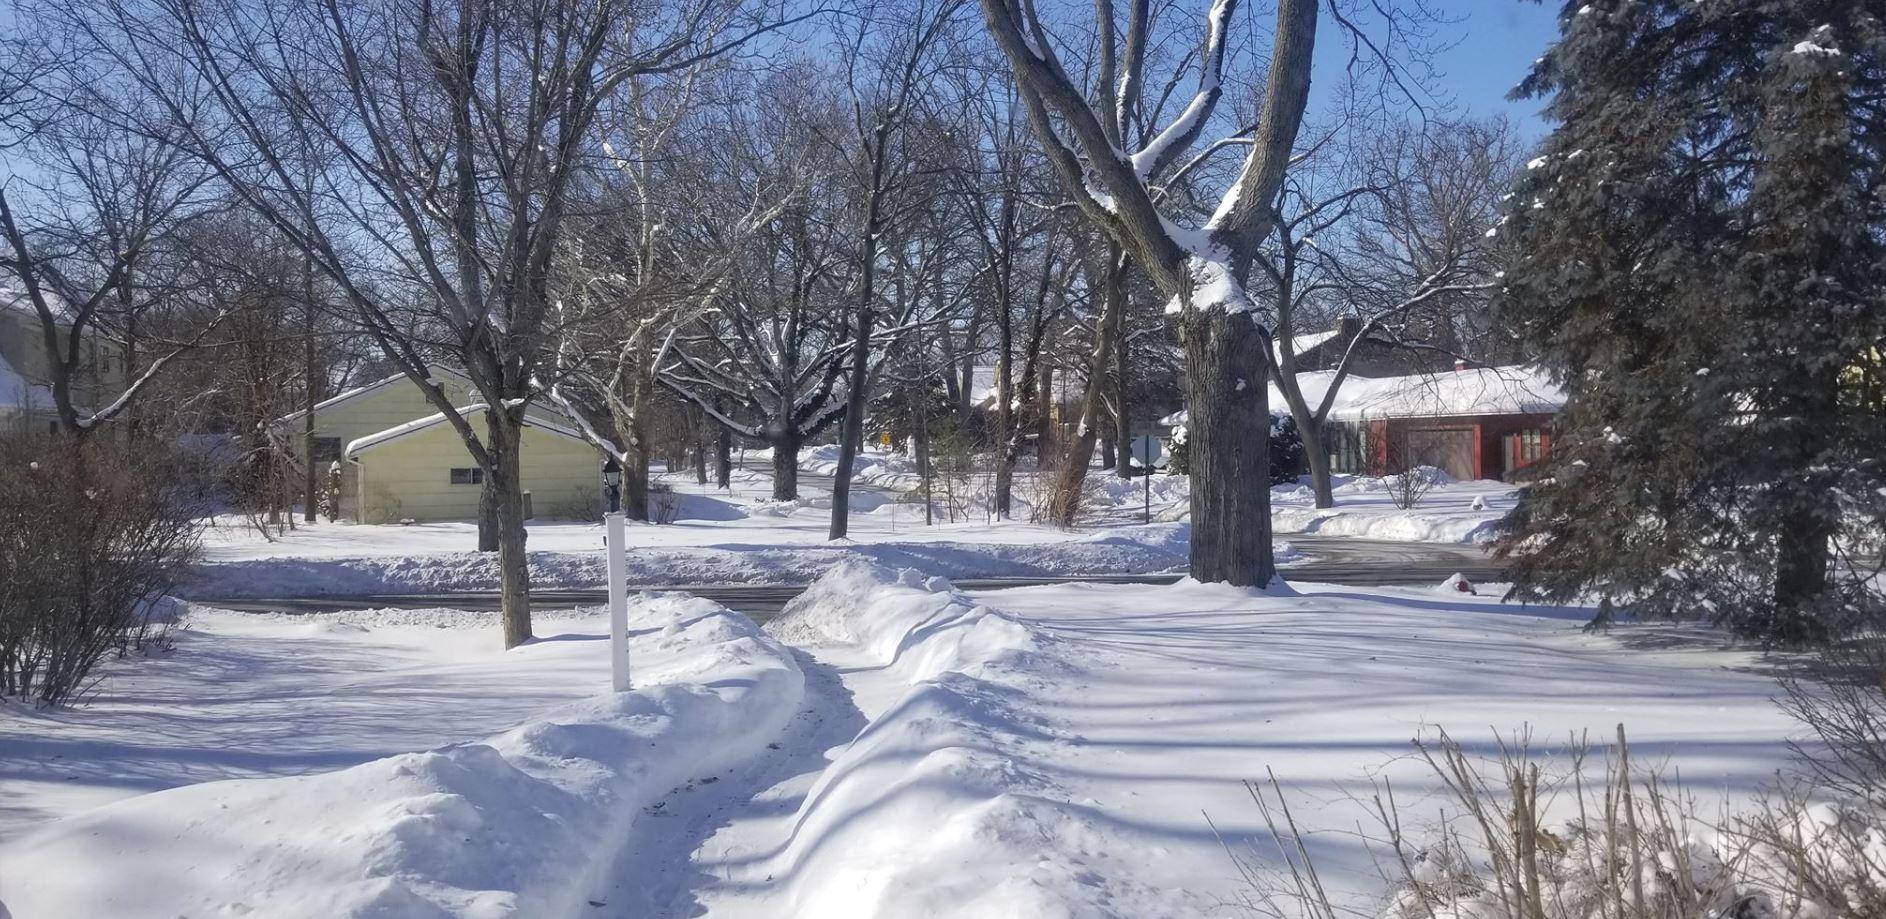 A pesar del fuerte sol el frío es extremo en Chicago y cubre de nieve y hielo las calles. (Foto: Alex Jerez)